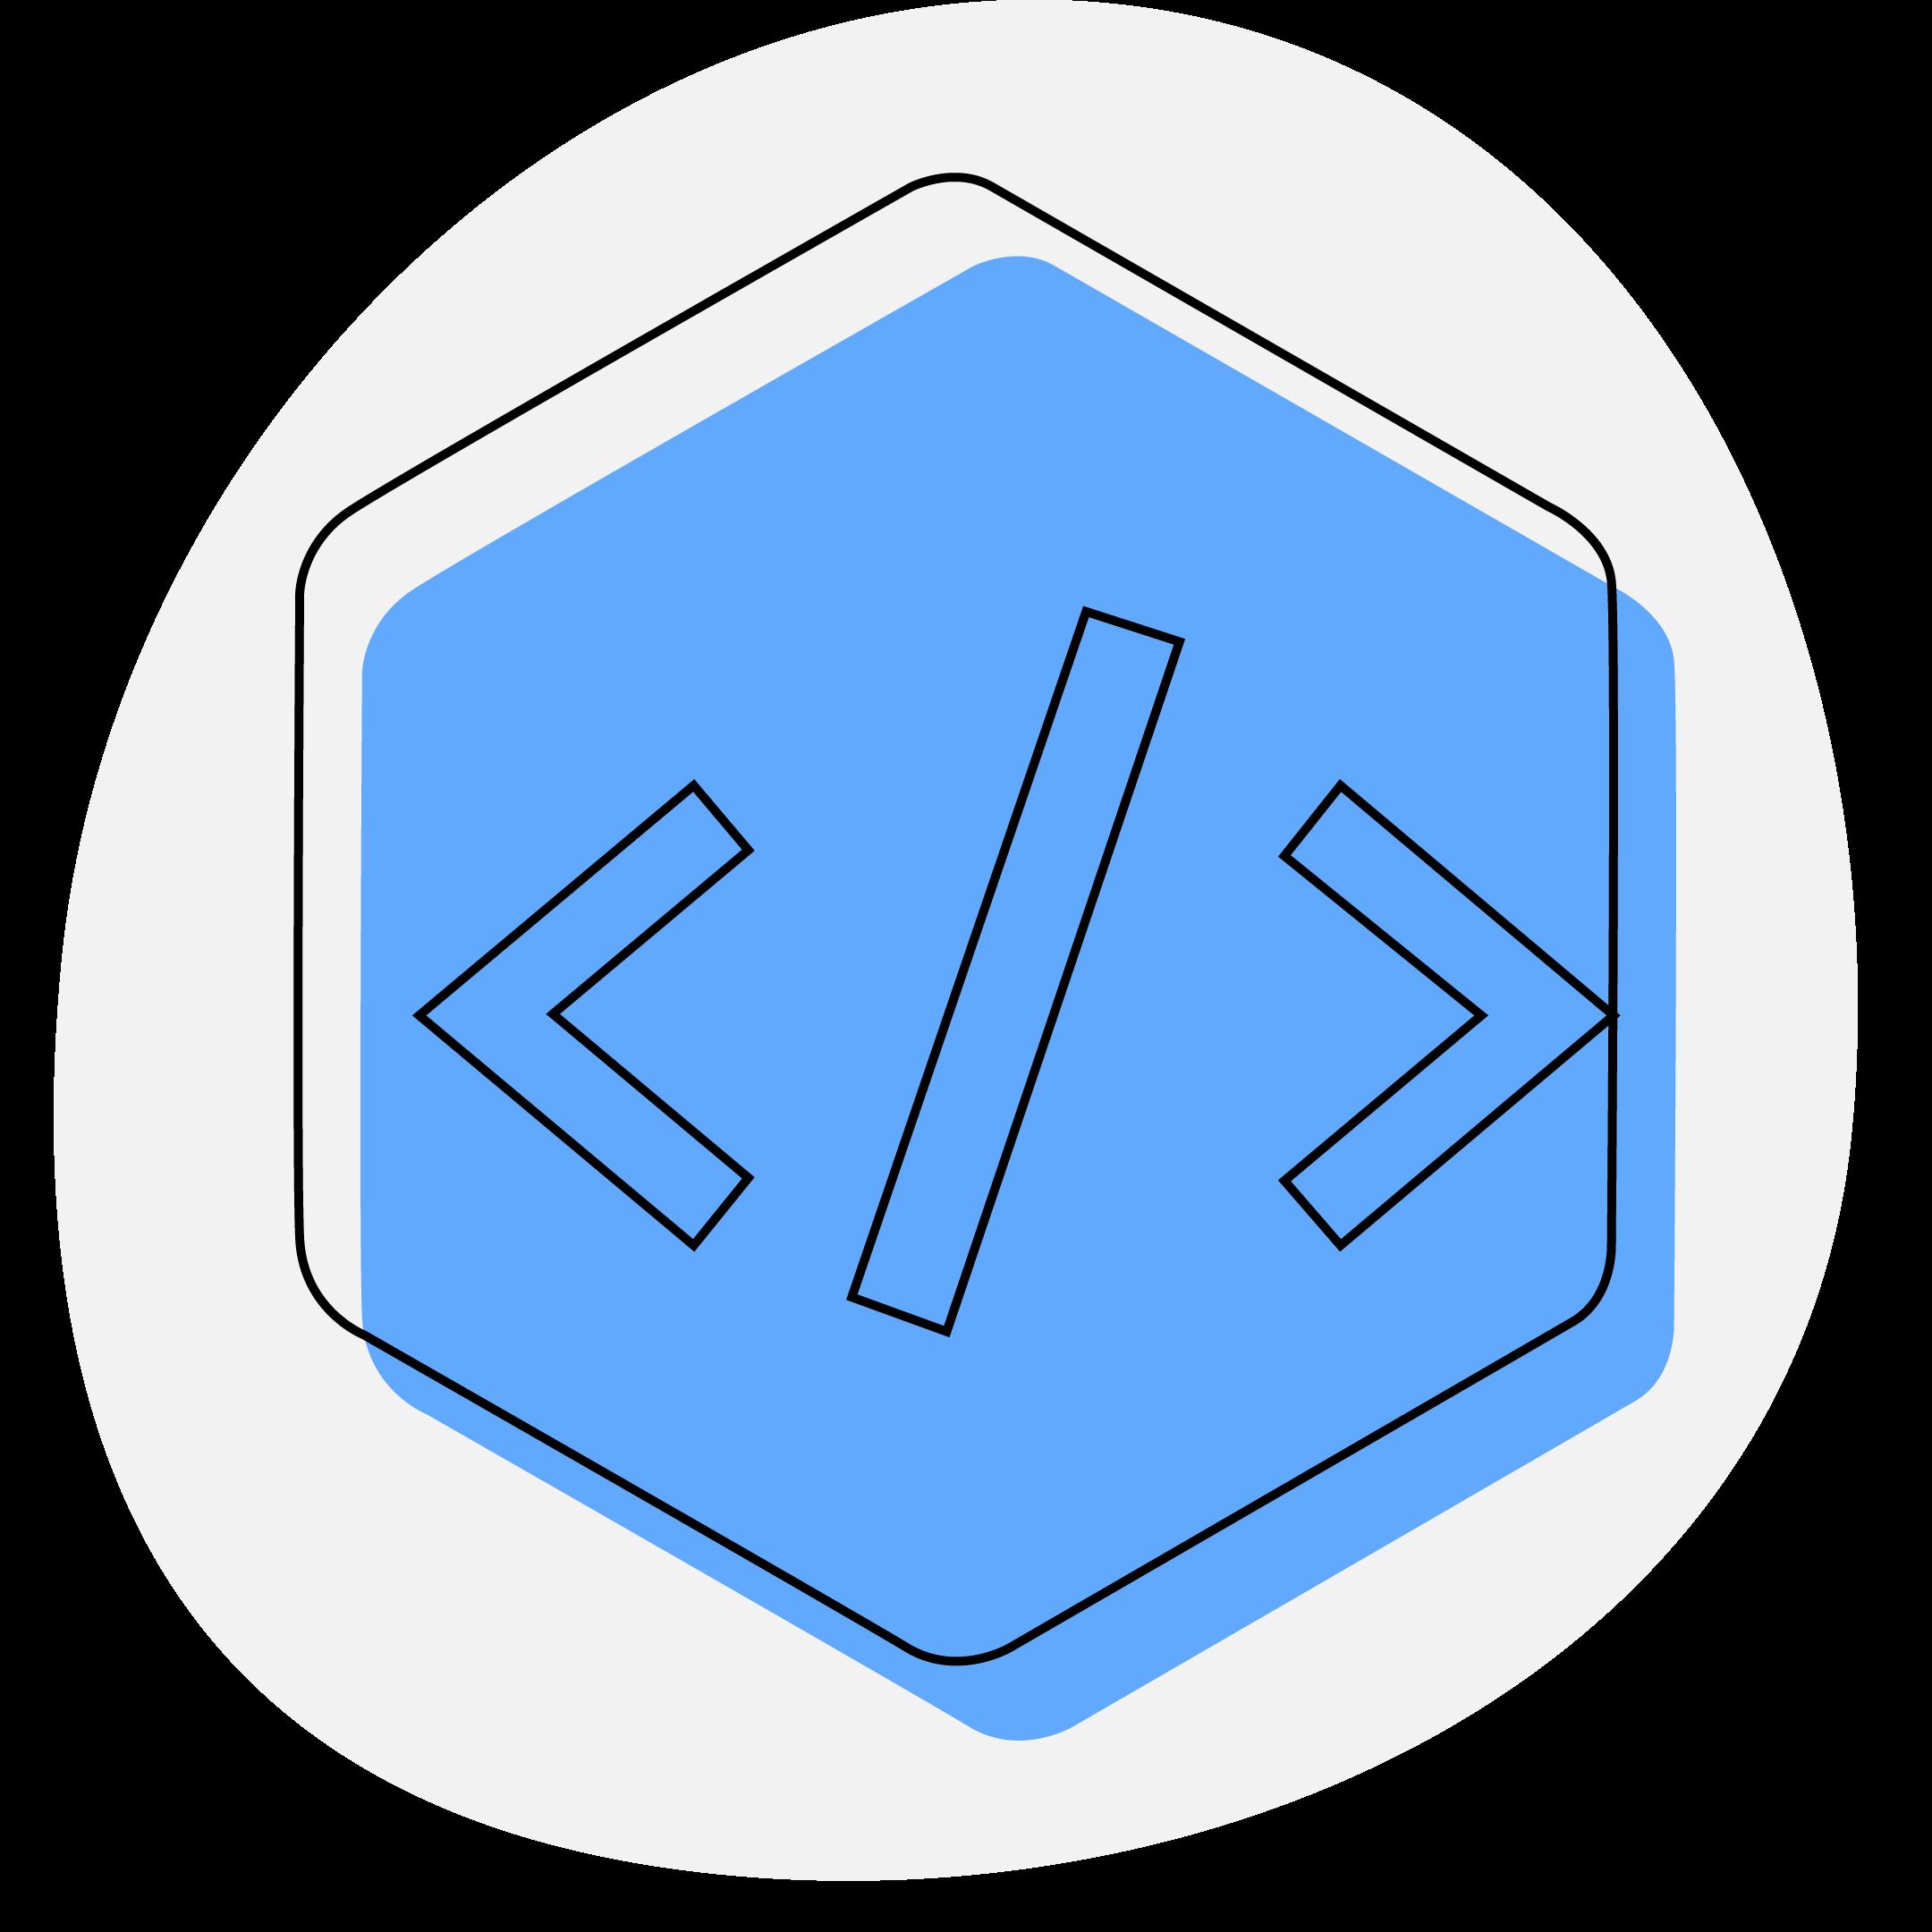 pixel-logo.png